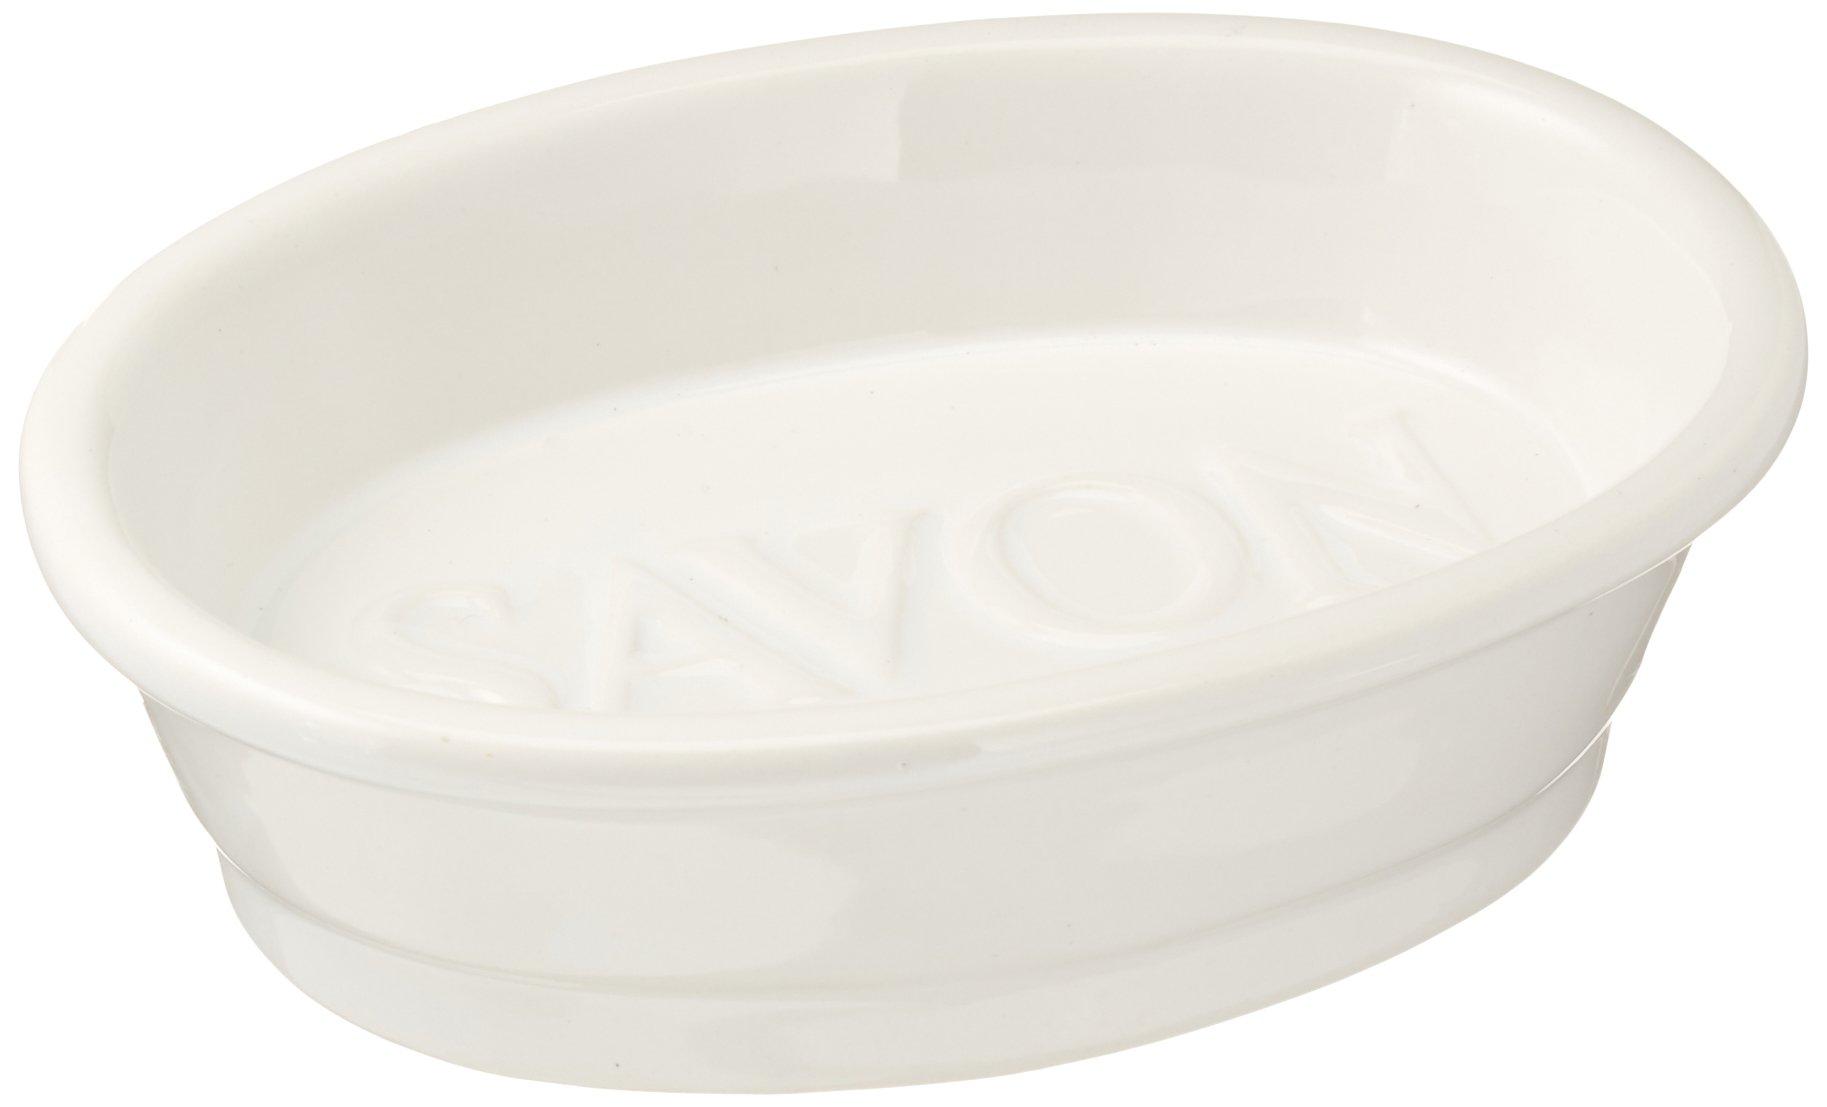 Abbott Collection White Oval Savon Dish